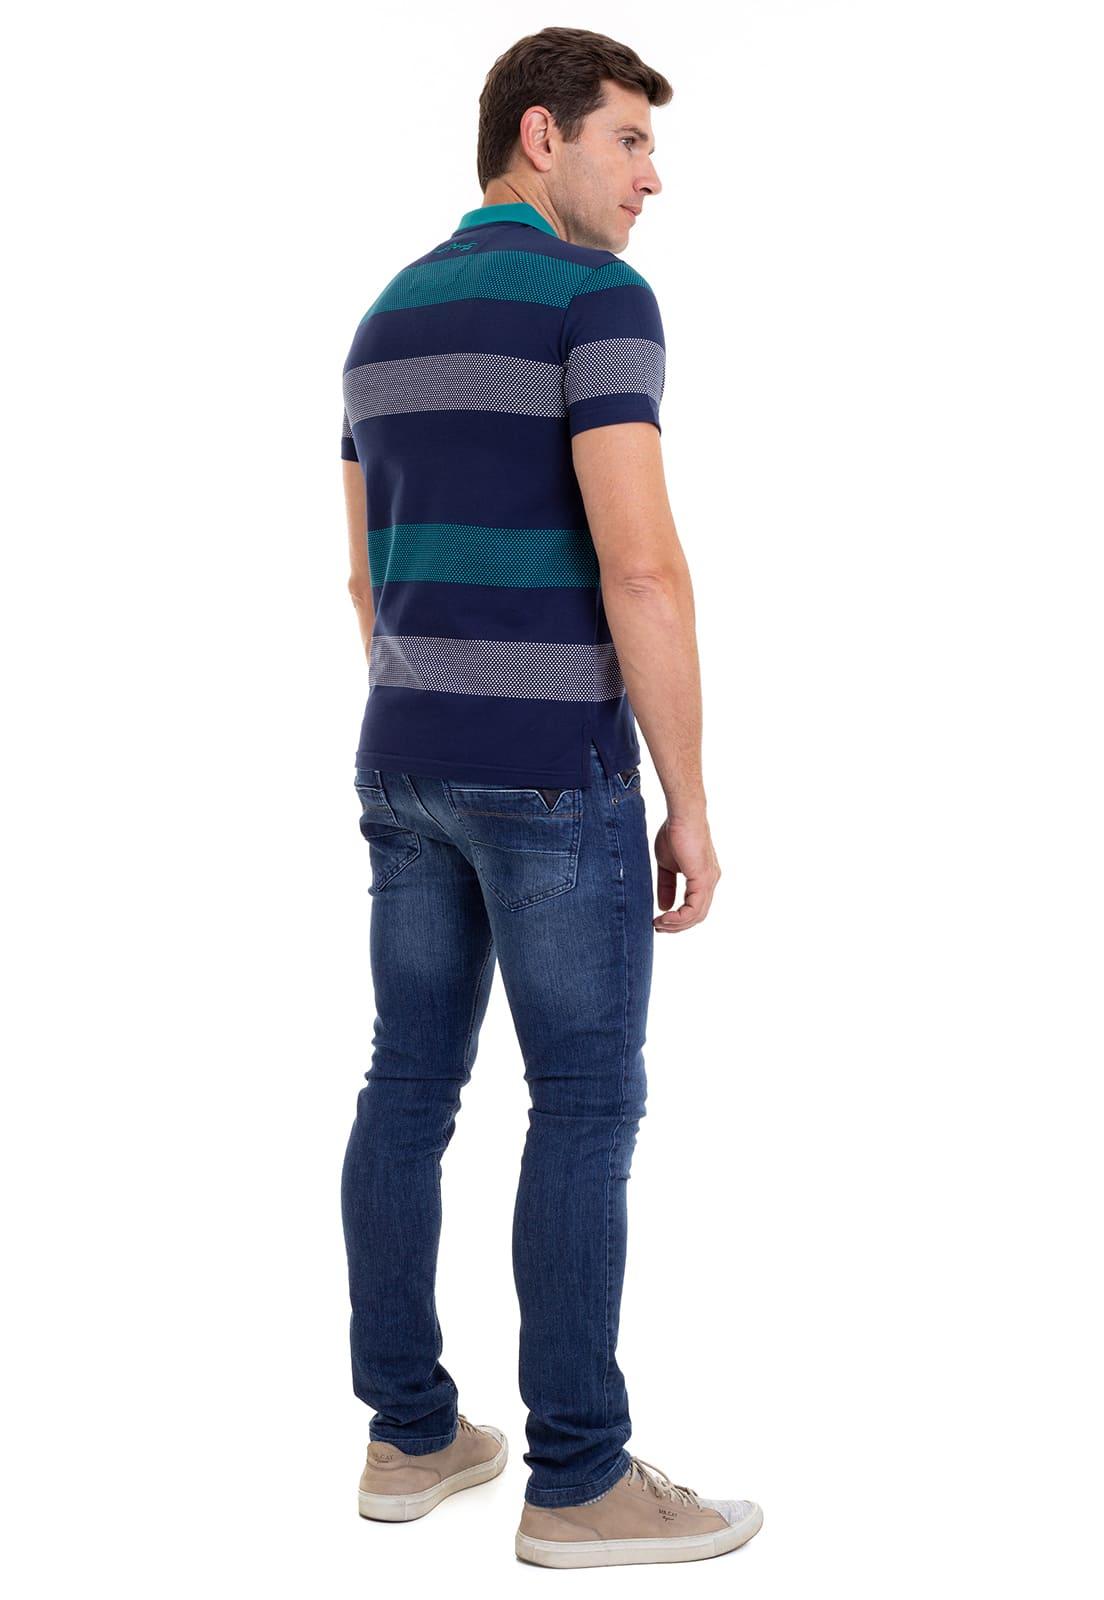 Camisa Polo Listrada com Bolso Hifen Marinho